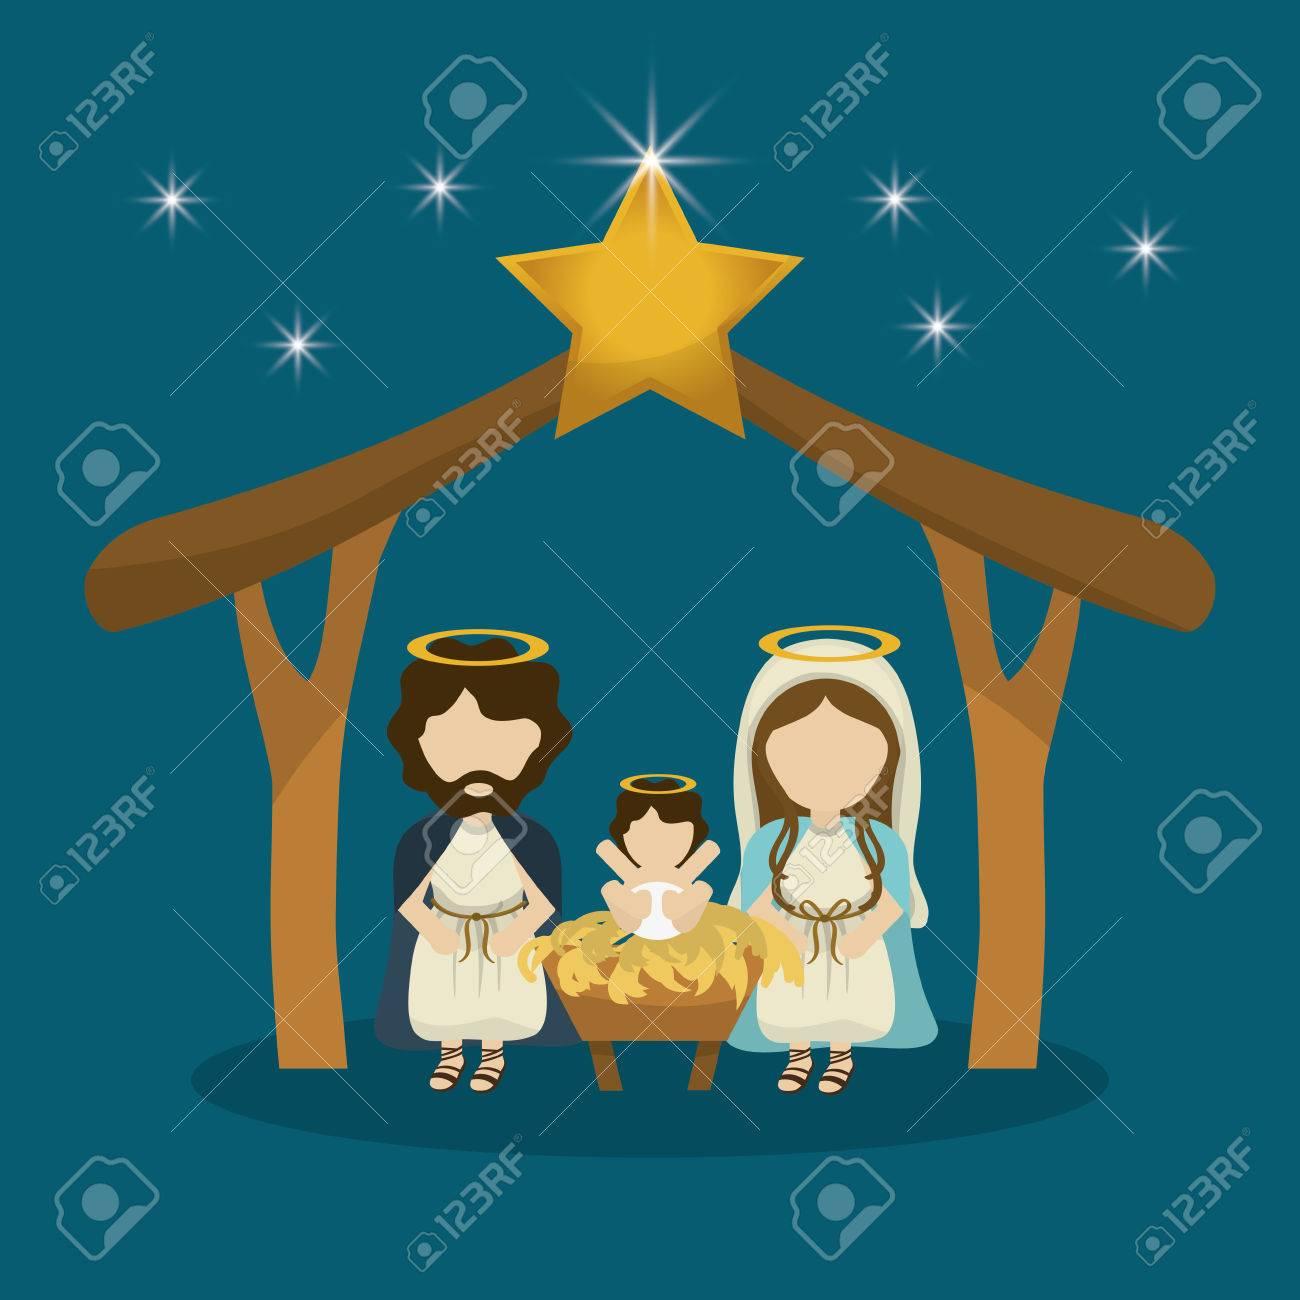 Frohe Weihnachten Familie.Stock Photo